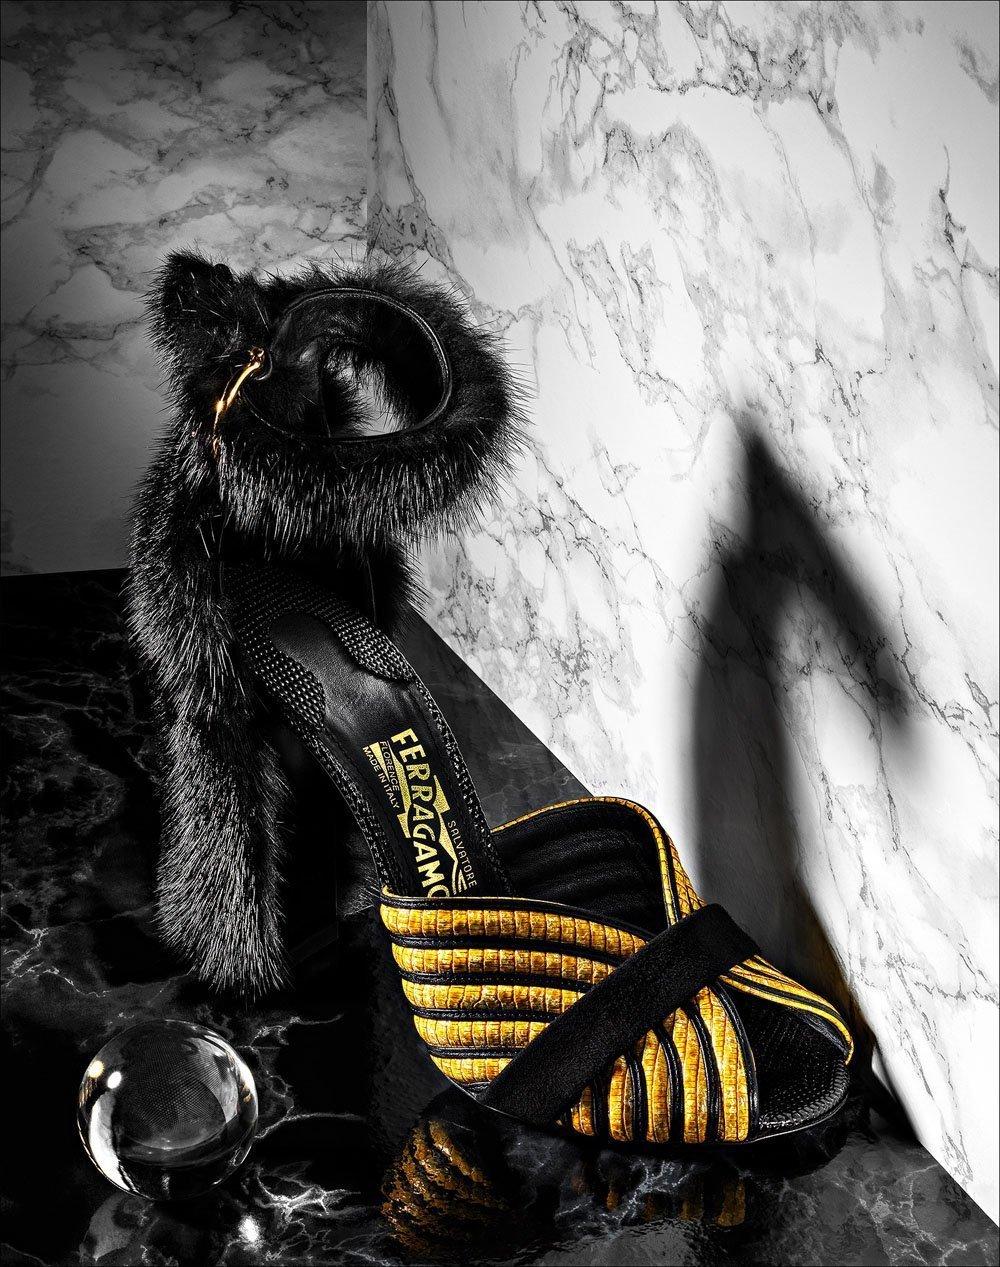 004-fotografo-still-life-fashion-accessories